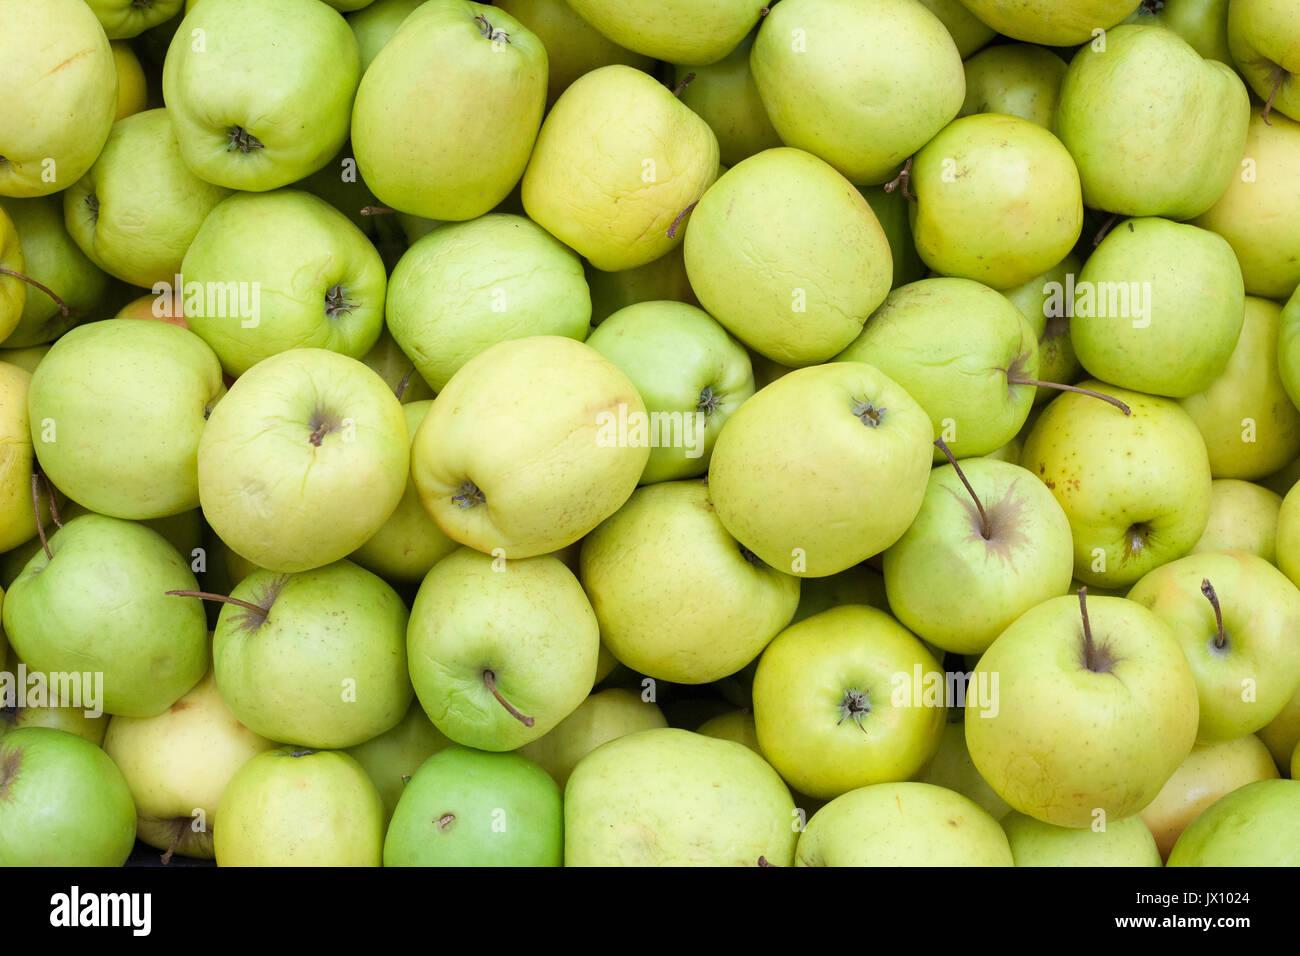 Fond pommes pomme verte des fruits et légumes frais généraux origines perspective Photo Stock